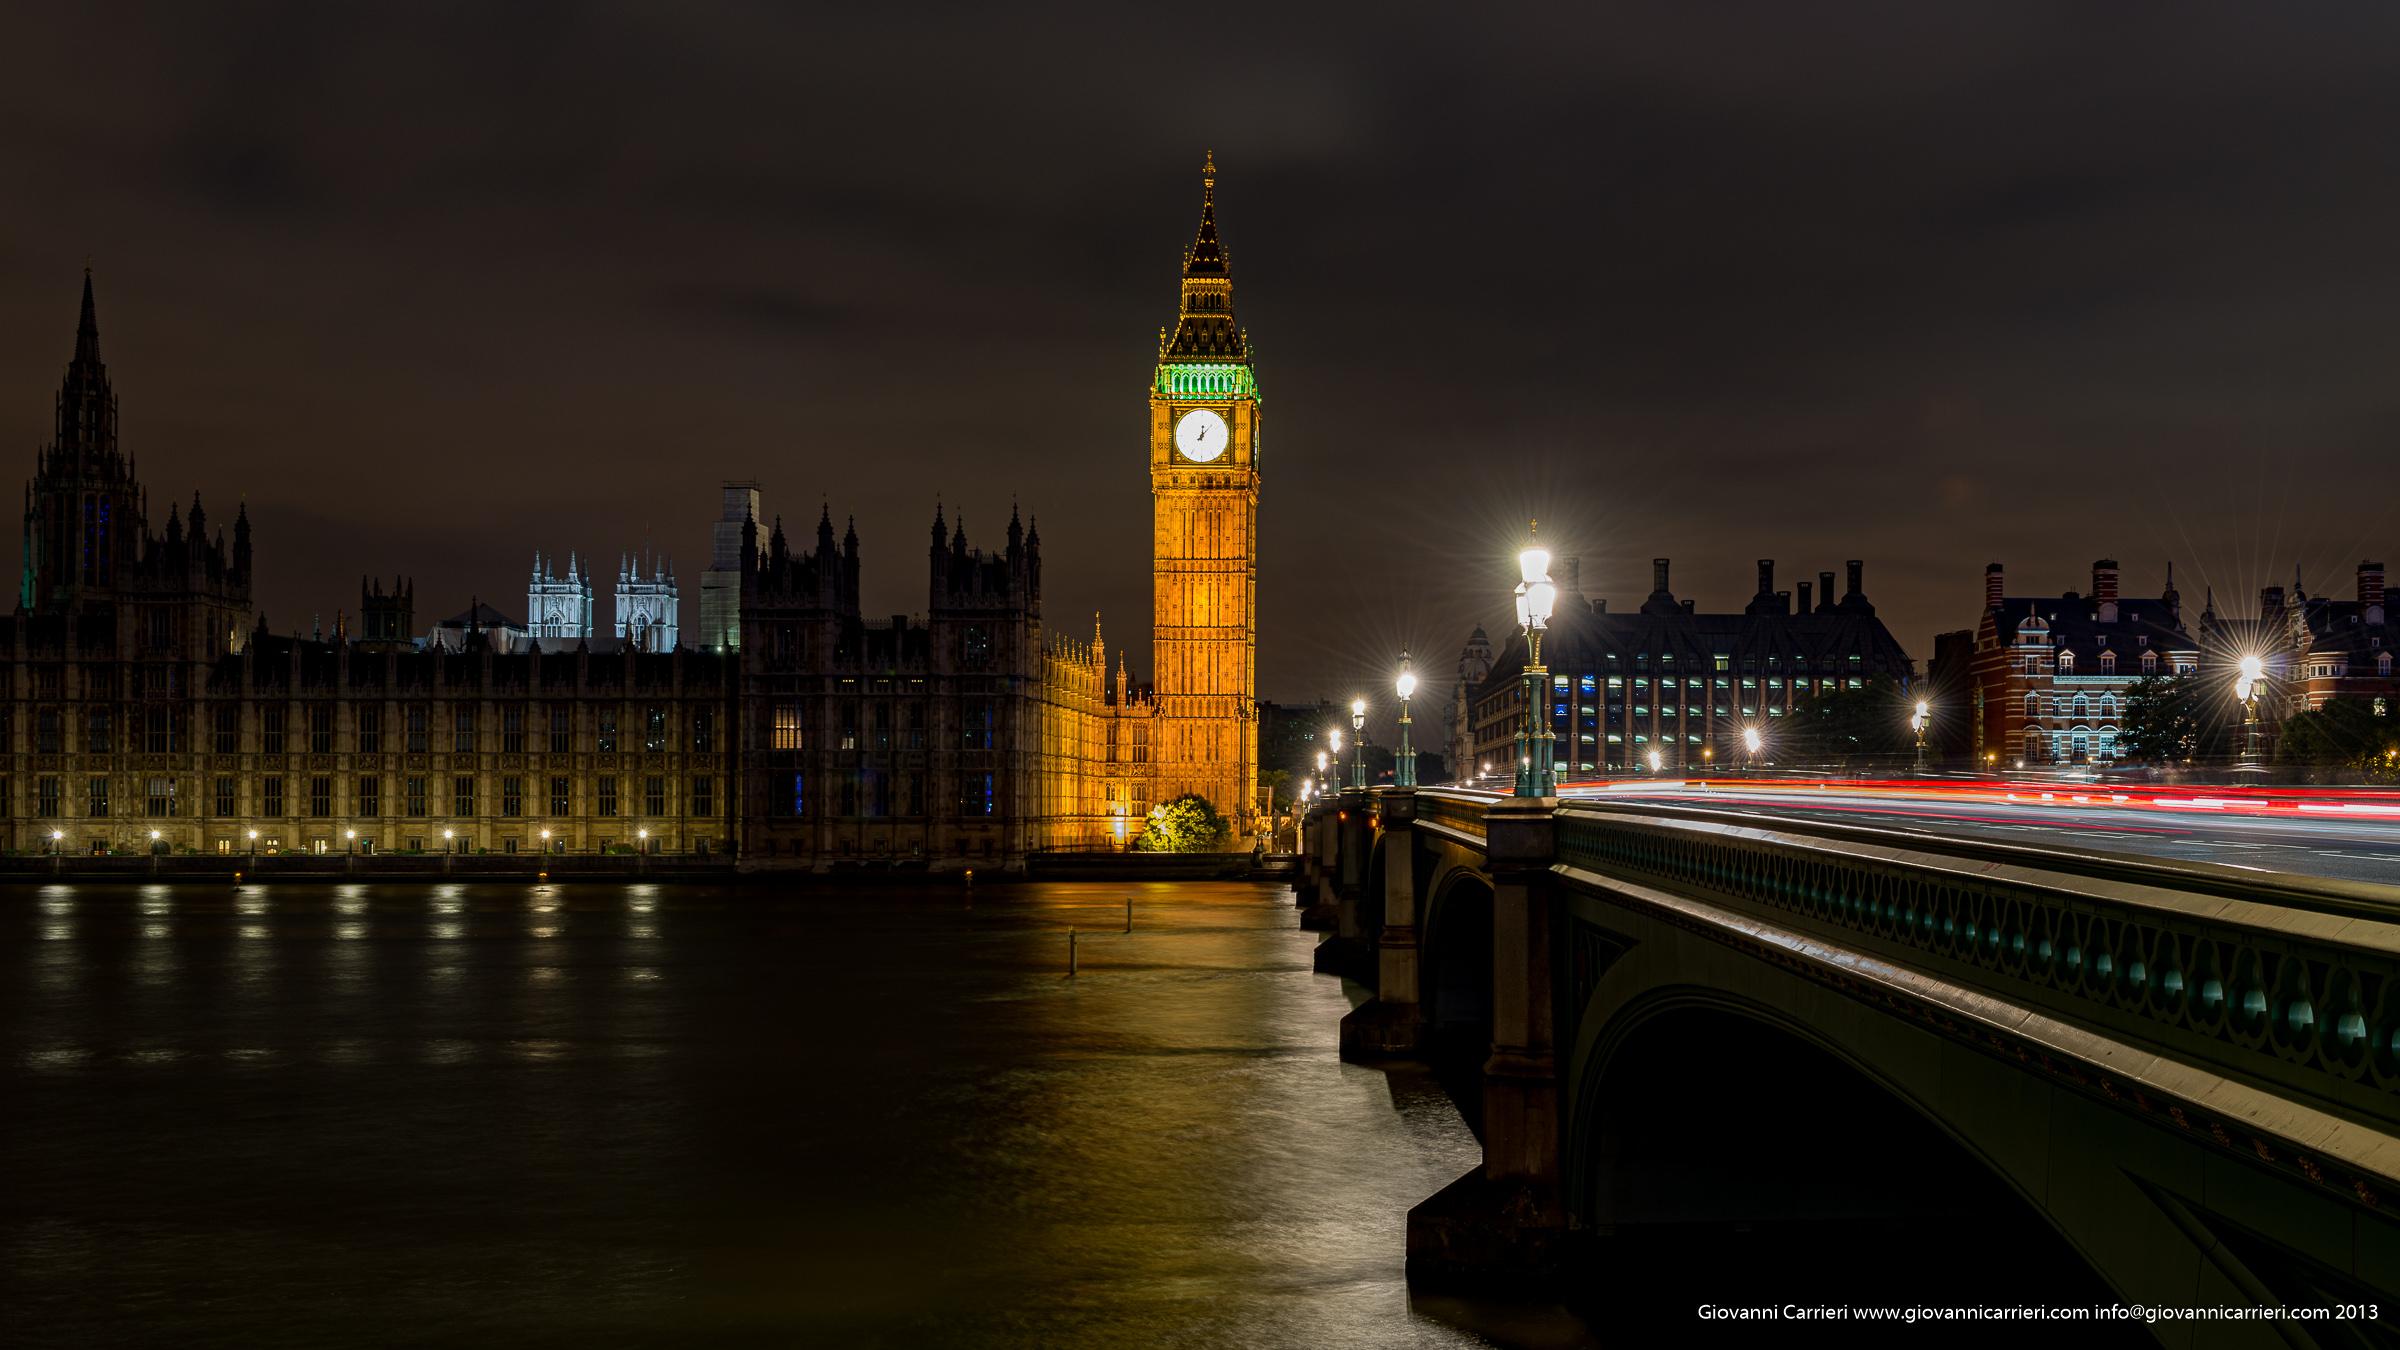 Night view on Big Ben